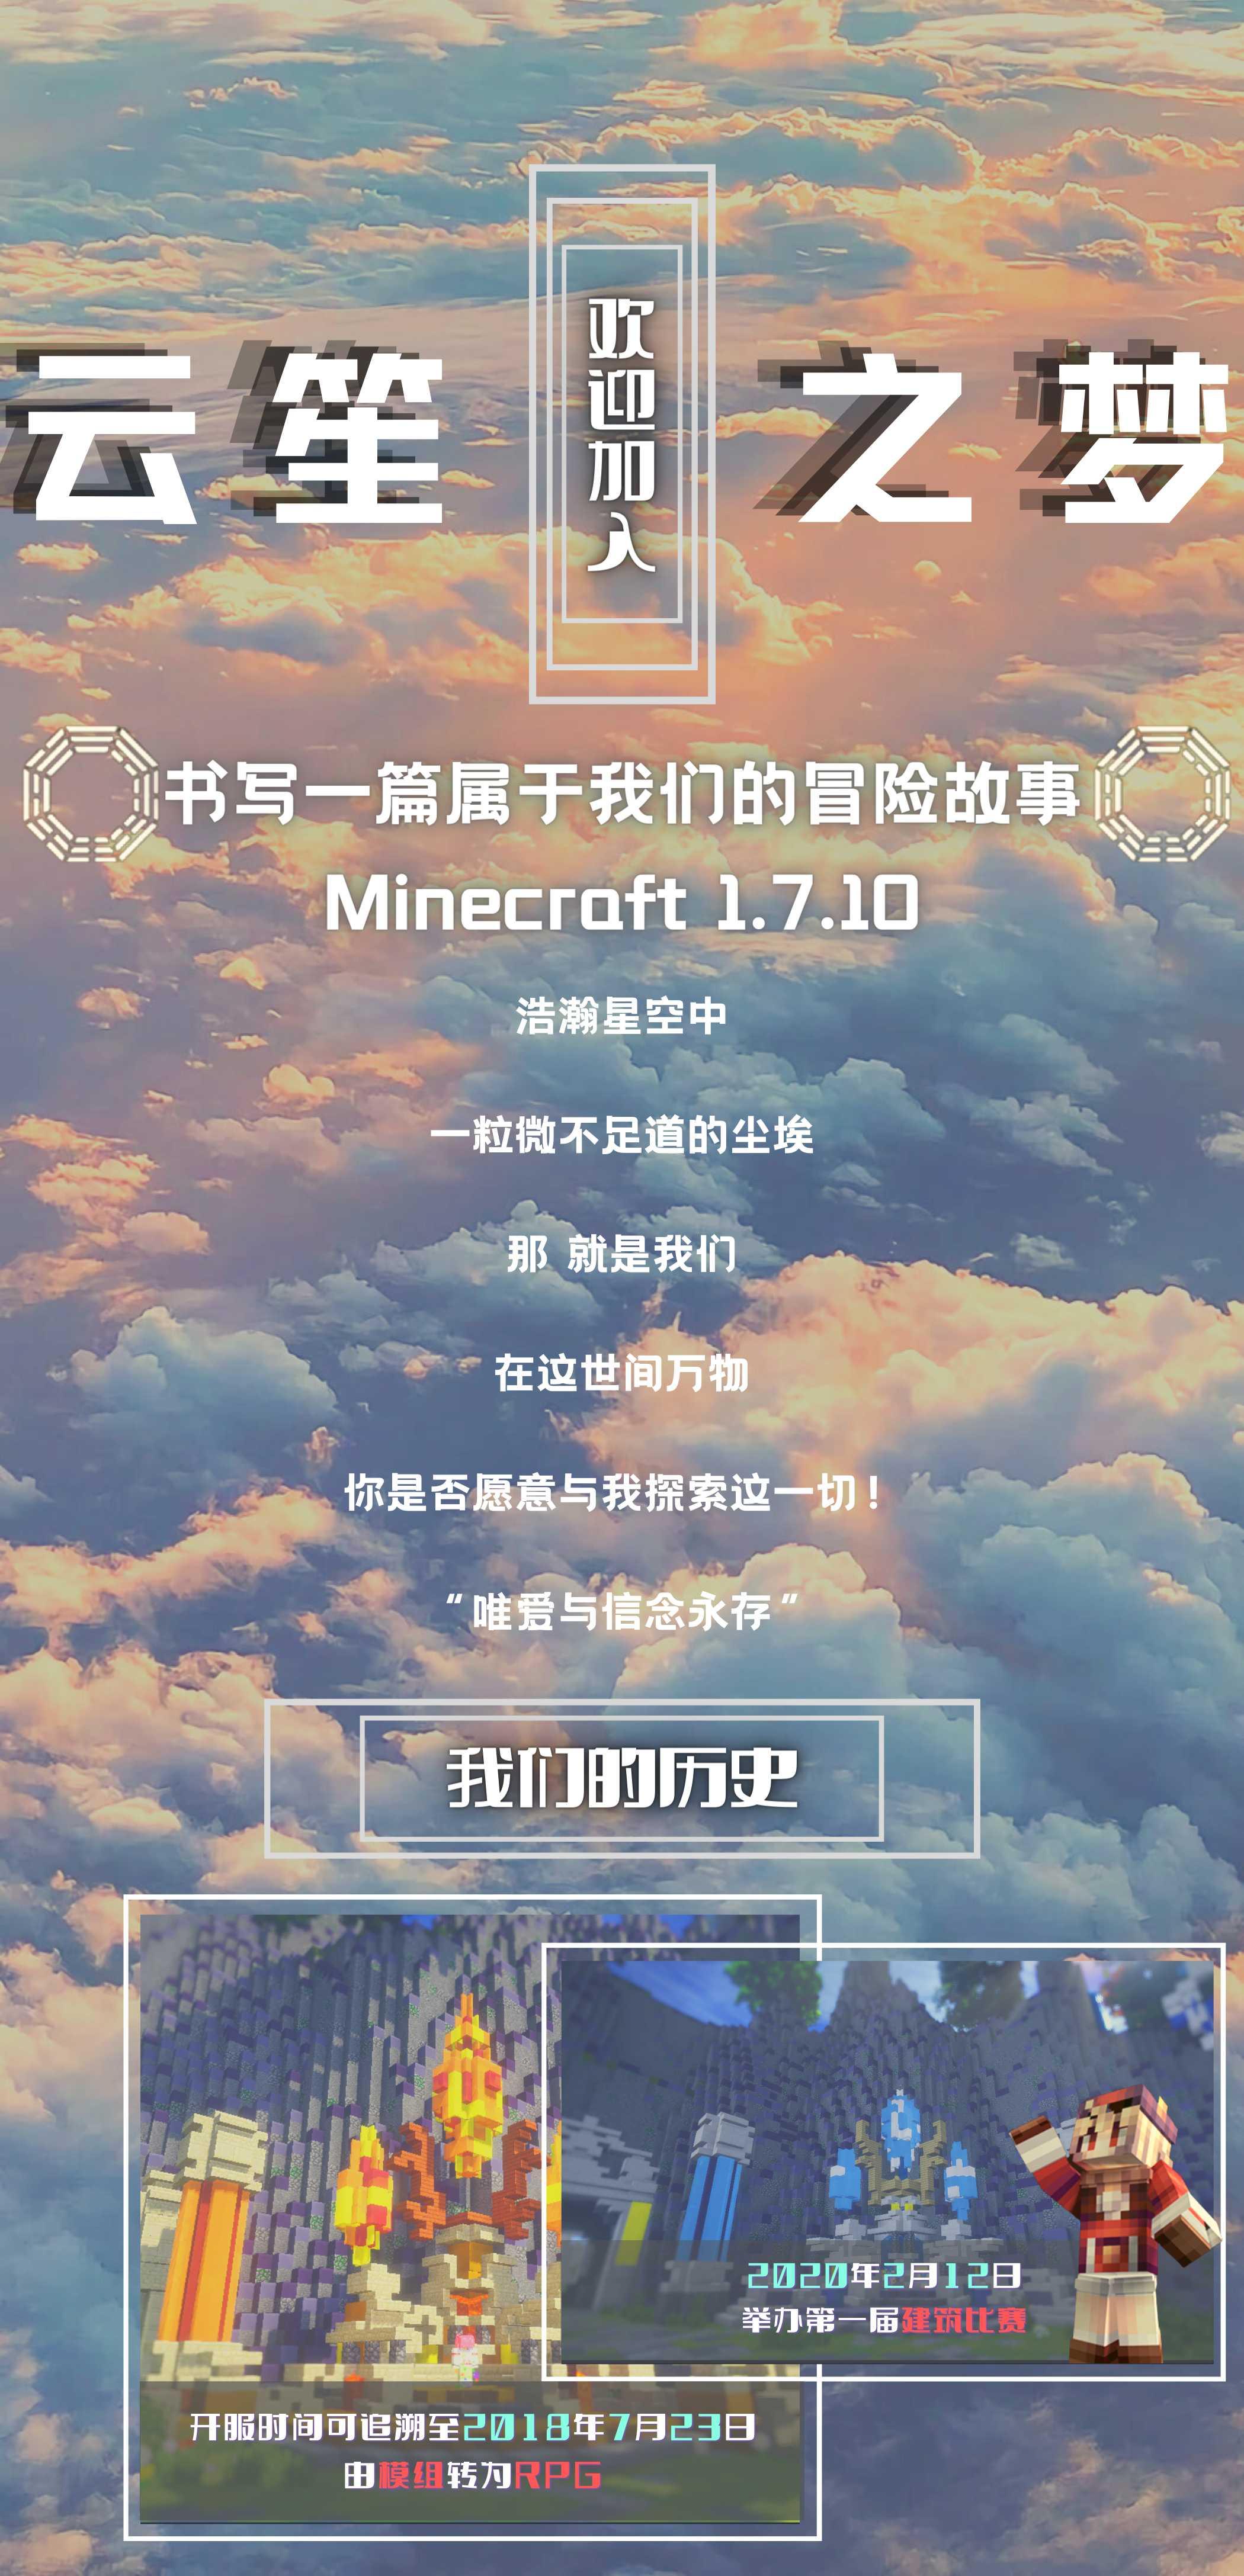 file_1630309071000.jpg